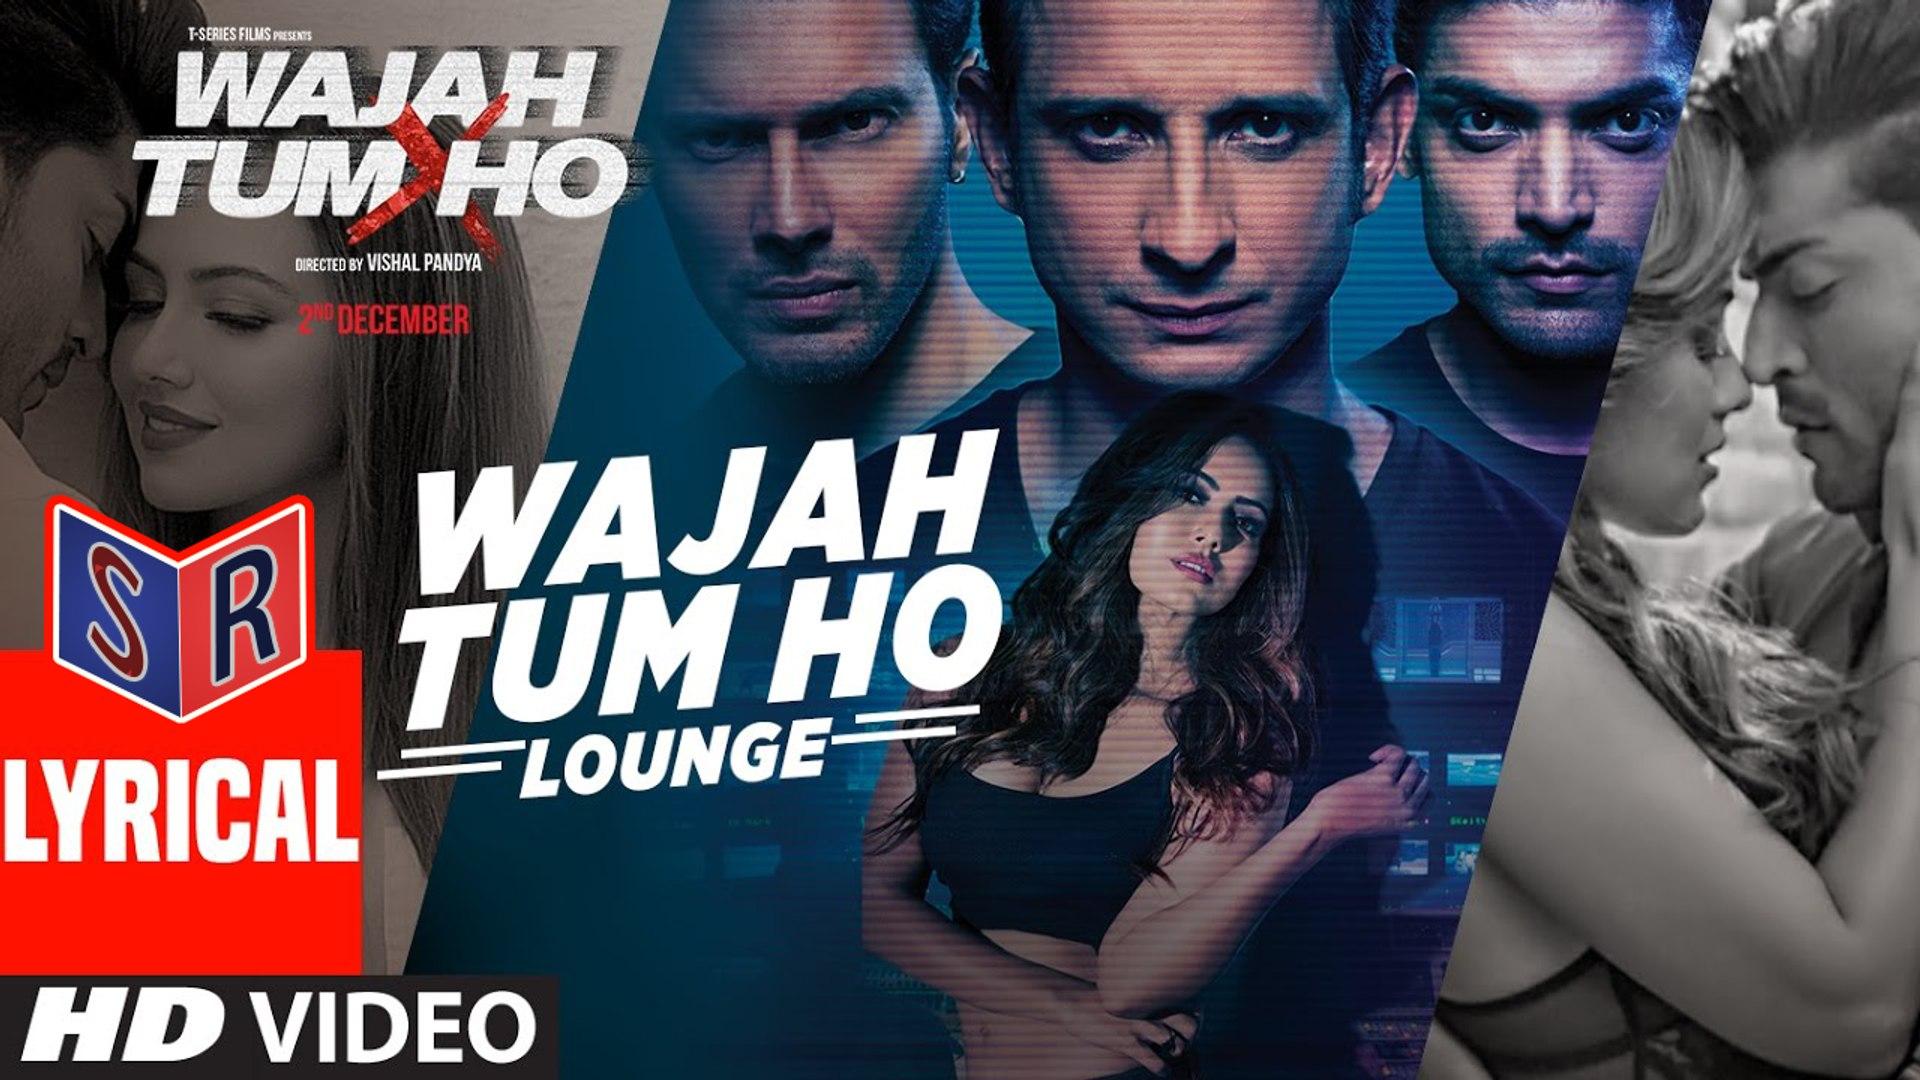 Ho wajah 2016 tum فيلم Wajah